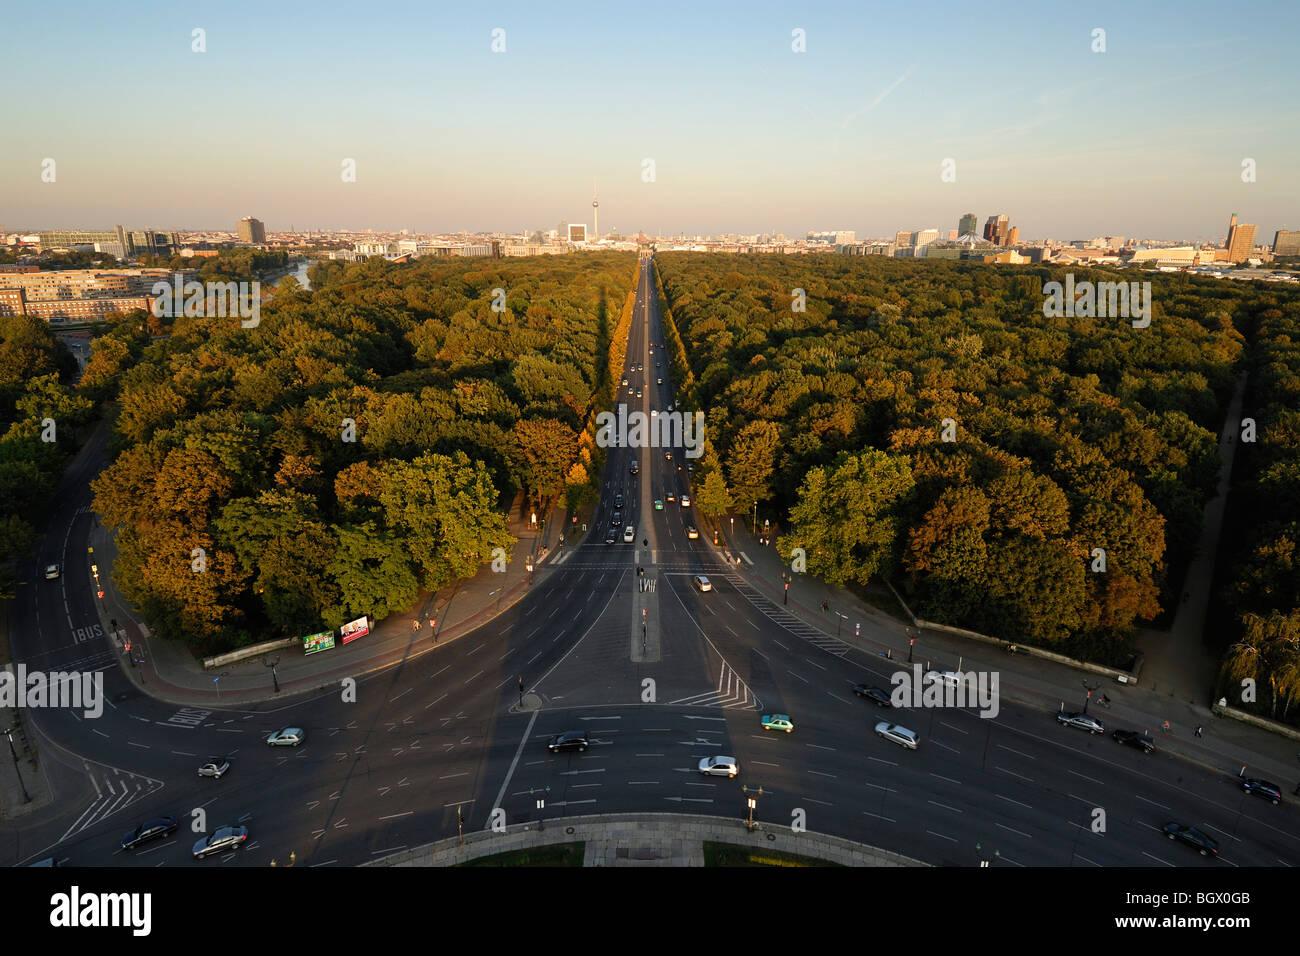 Berlin. Germany. View across the Tiergarten towards Mitte. - Stock Image